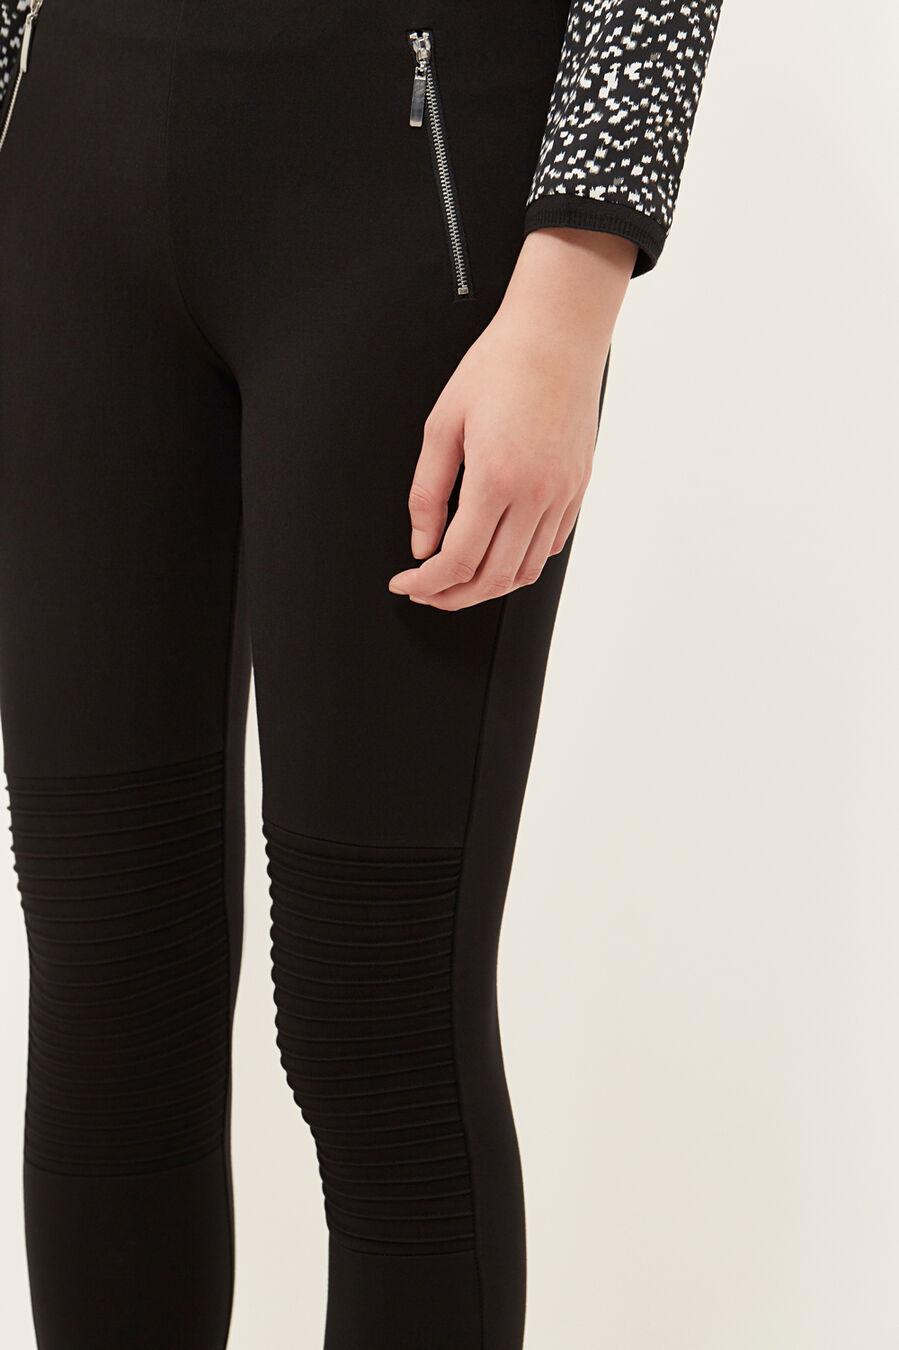 Leggings with zips